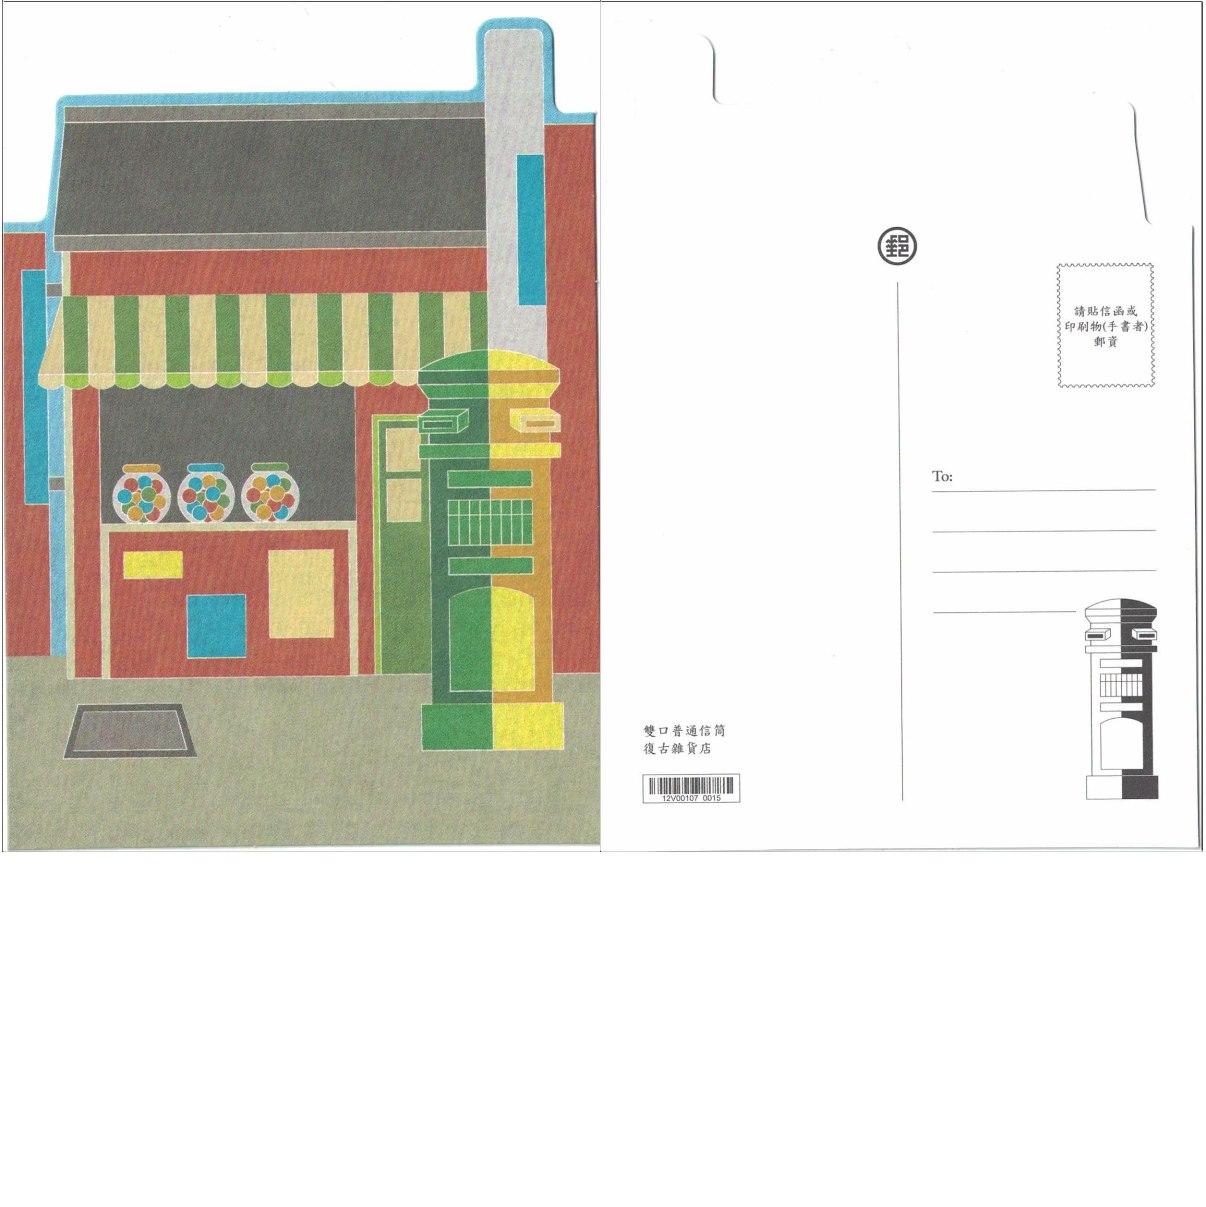 造型卡片-復古雜貨店